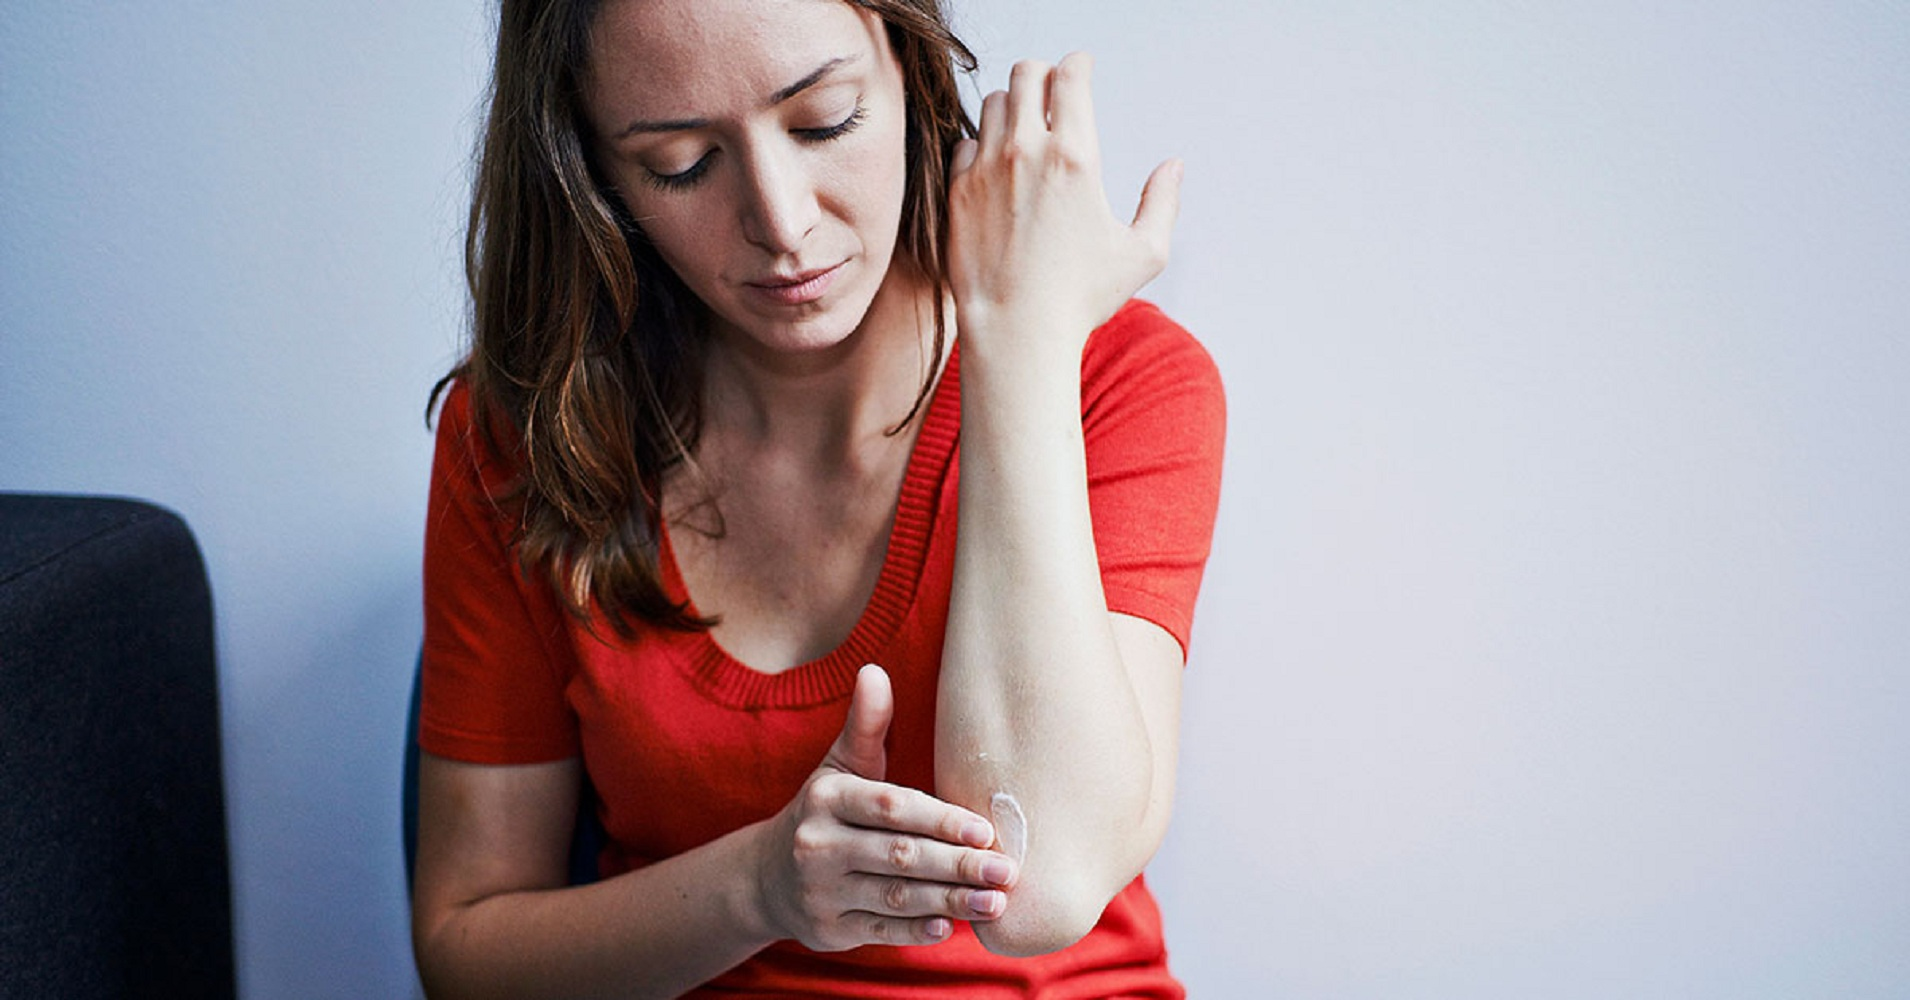 egy váll ízülete fáj a kéz felemelésekor kender ízületi fájdalom